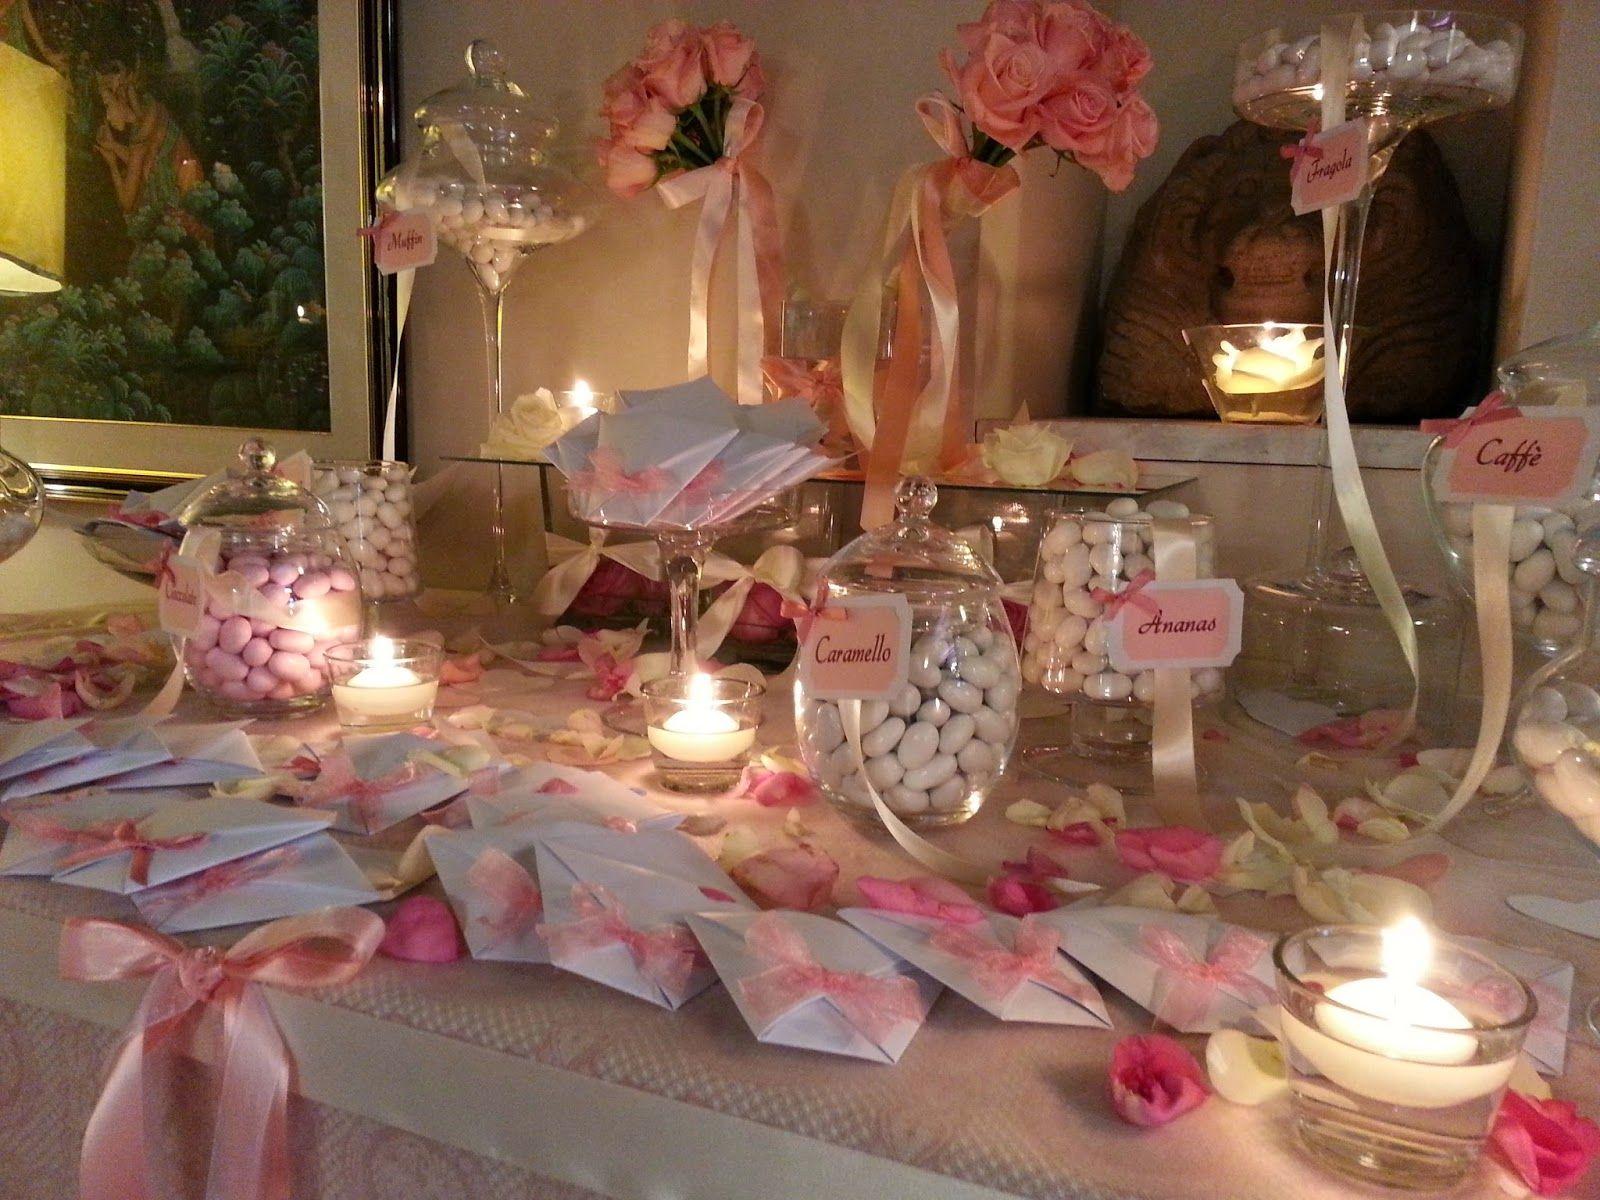 Tavolo Matrimonio ~ Mise en place del tavolo matrimonio minimal cerca con google